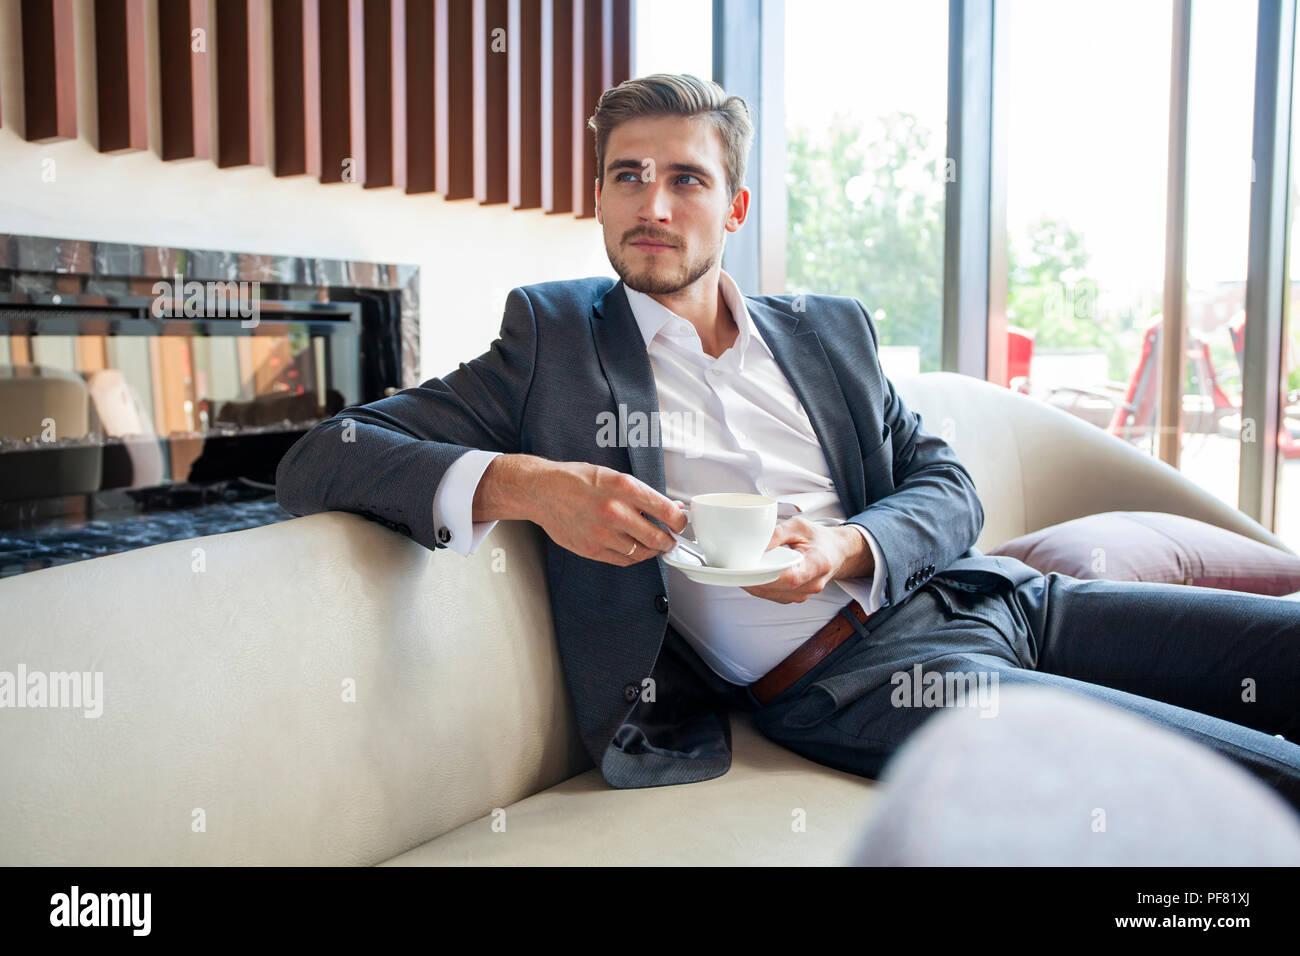 Porträt der glückliche junge Unternehmer sitzen auf einem Sofa in der Lobby des Hotels. Stockbild